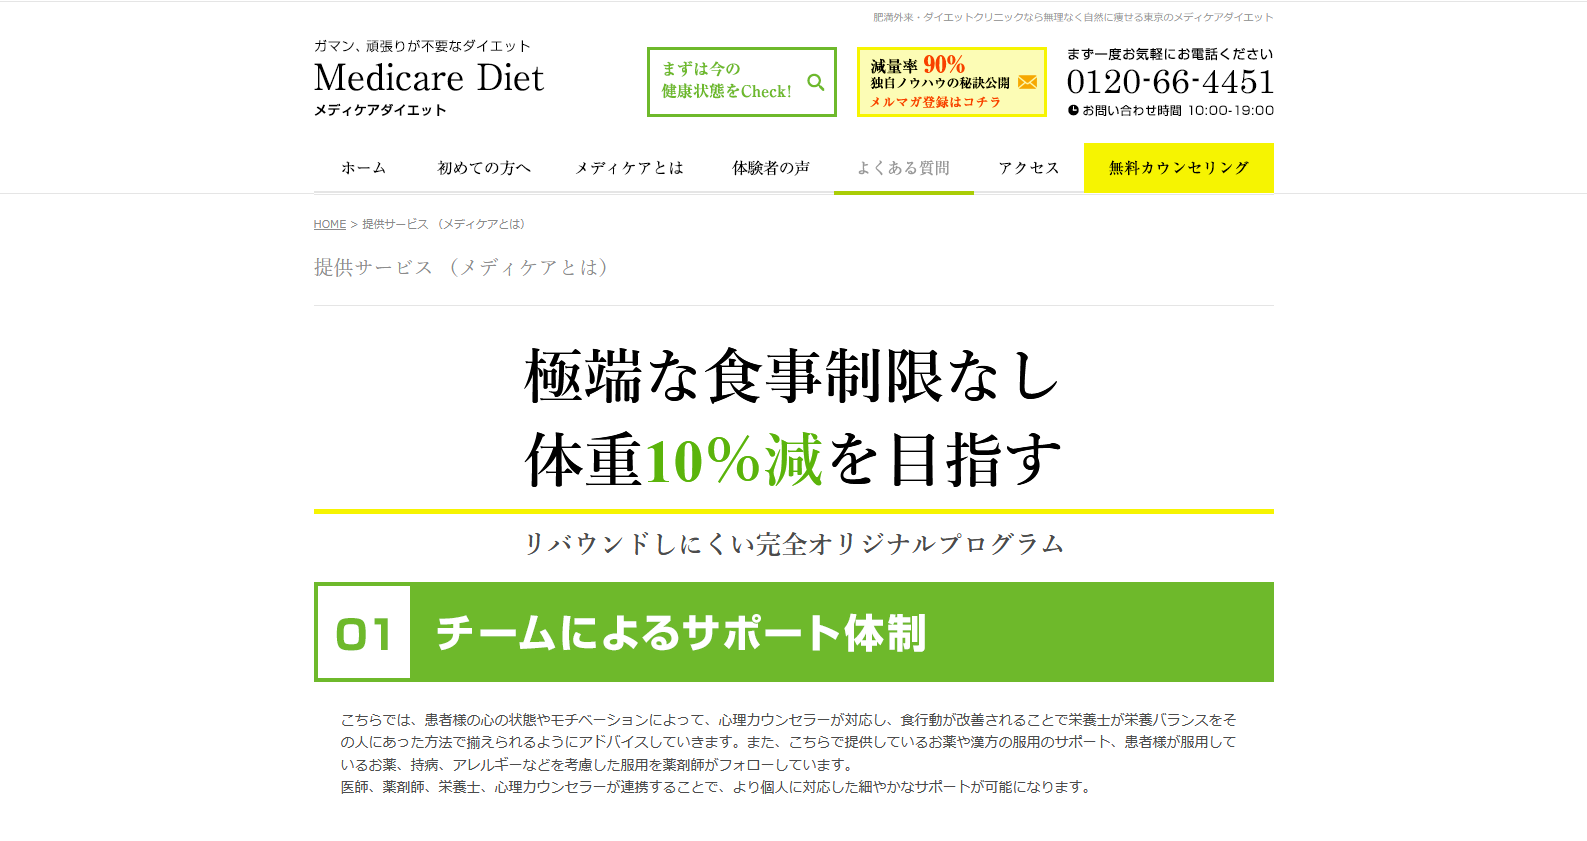 提供サービス (メディケアとは) - 肥満外来で健康的に痩せる|ダイエットならメディケアダイエット 東京